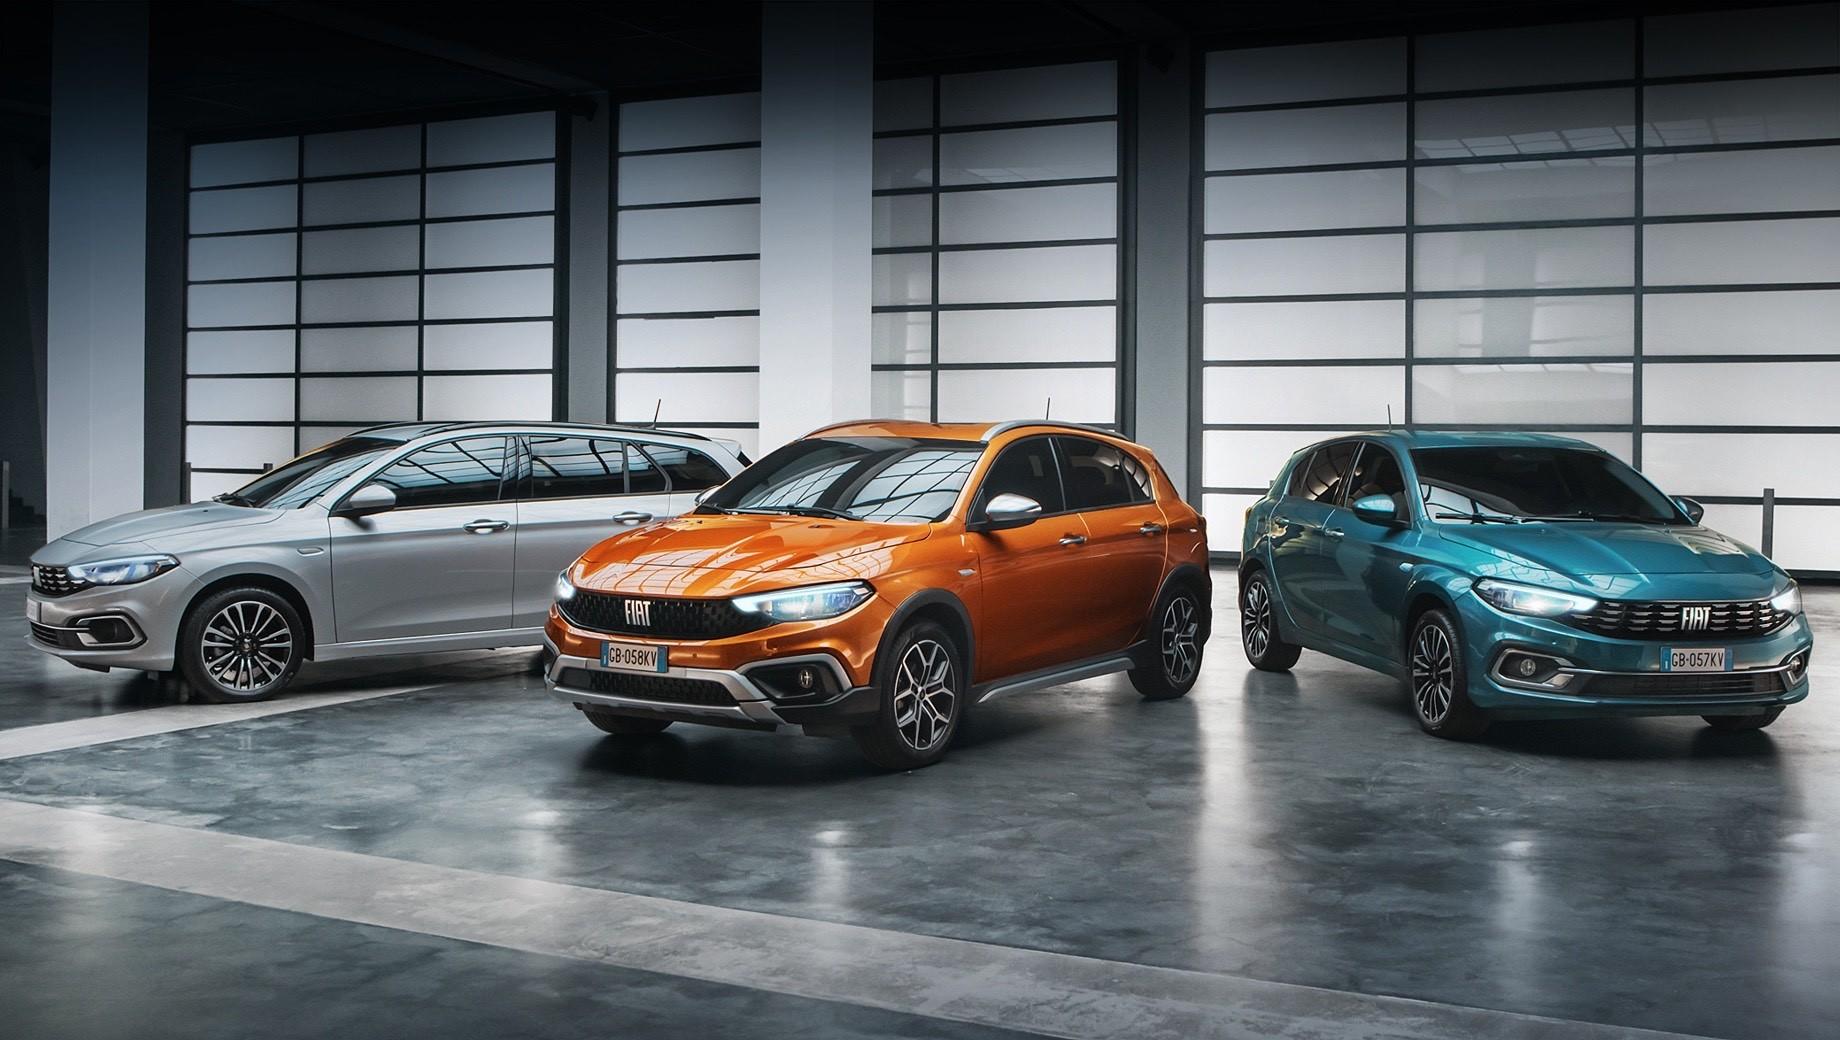 Fiat tipo. Главное отличие обновлённой линейки — крупный шрифт названия бренда, который пока обходит Панду. Бамперы выполнены в новом дизайне, а фары и фонари построены на светодиодах. Палитра оттенков кузова расширена за счёт колеров Ocean Blue и Paprika Orange.